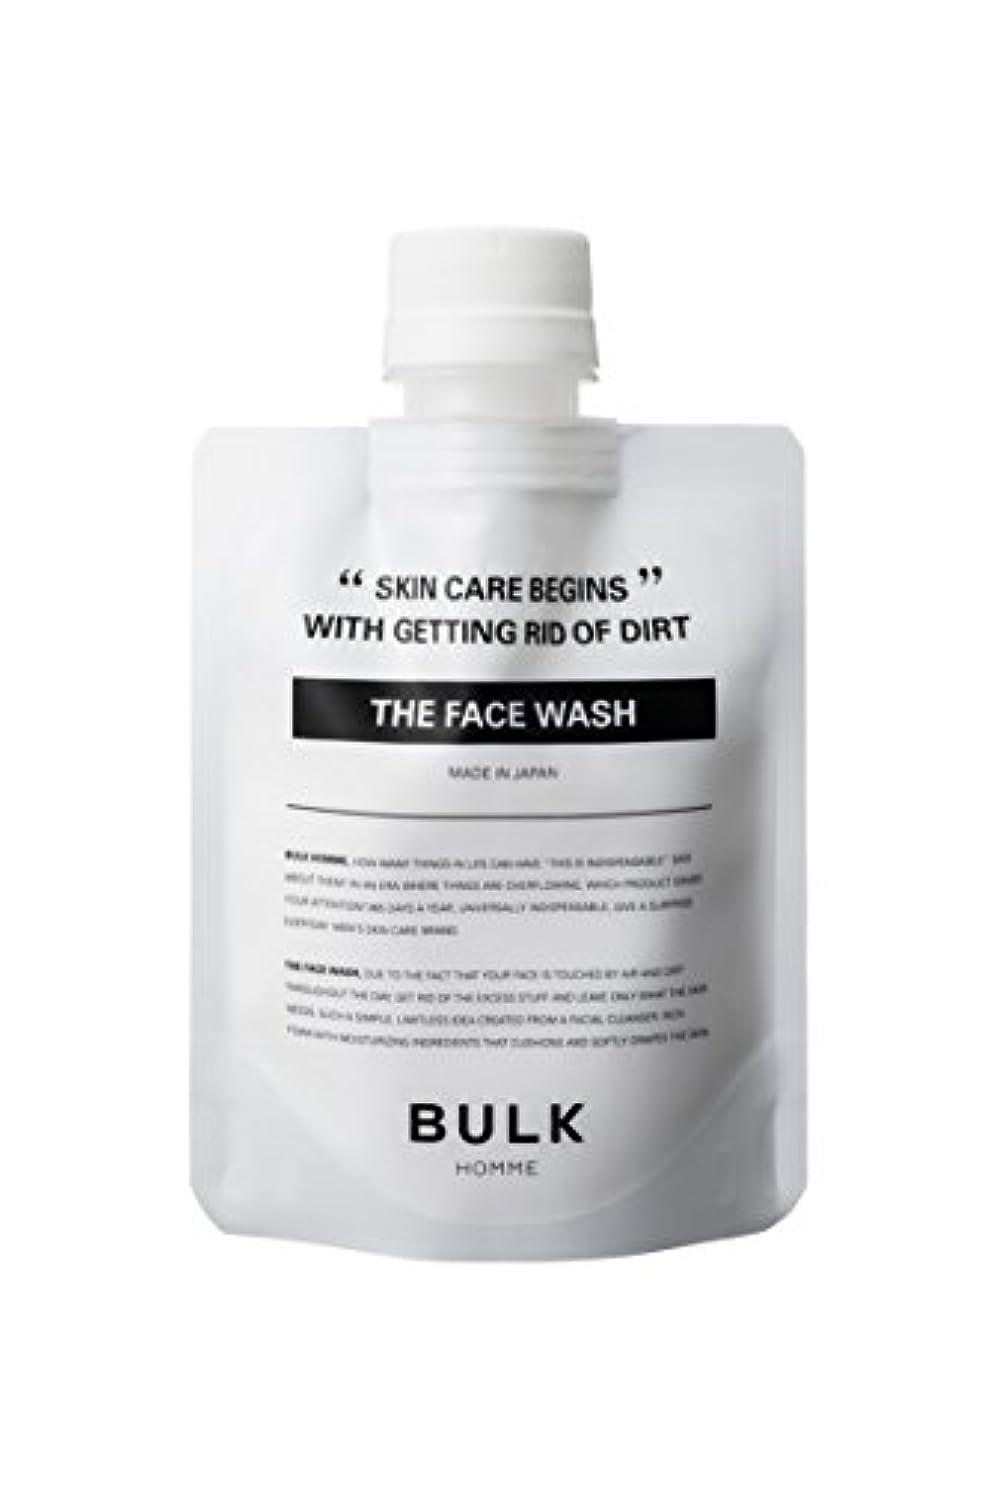 見つけたフィクション演劇バルクオム (BULK HOMME) BULK HOMME THE FACE WASH 洗顔料 単品 100g